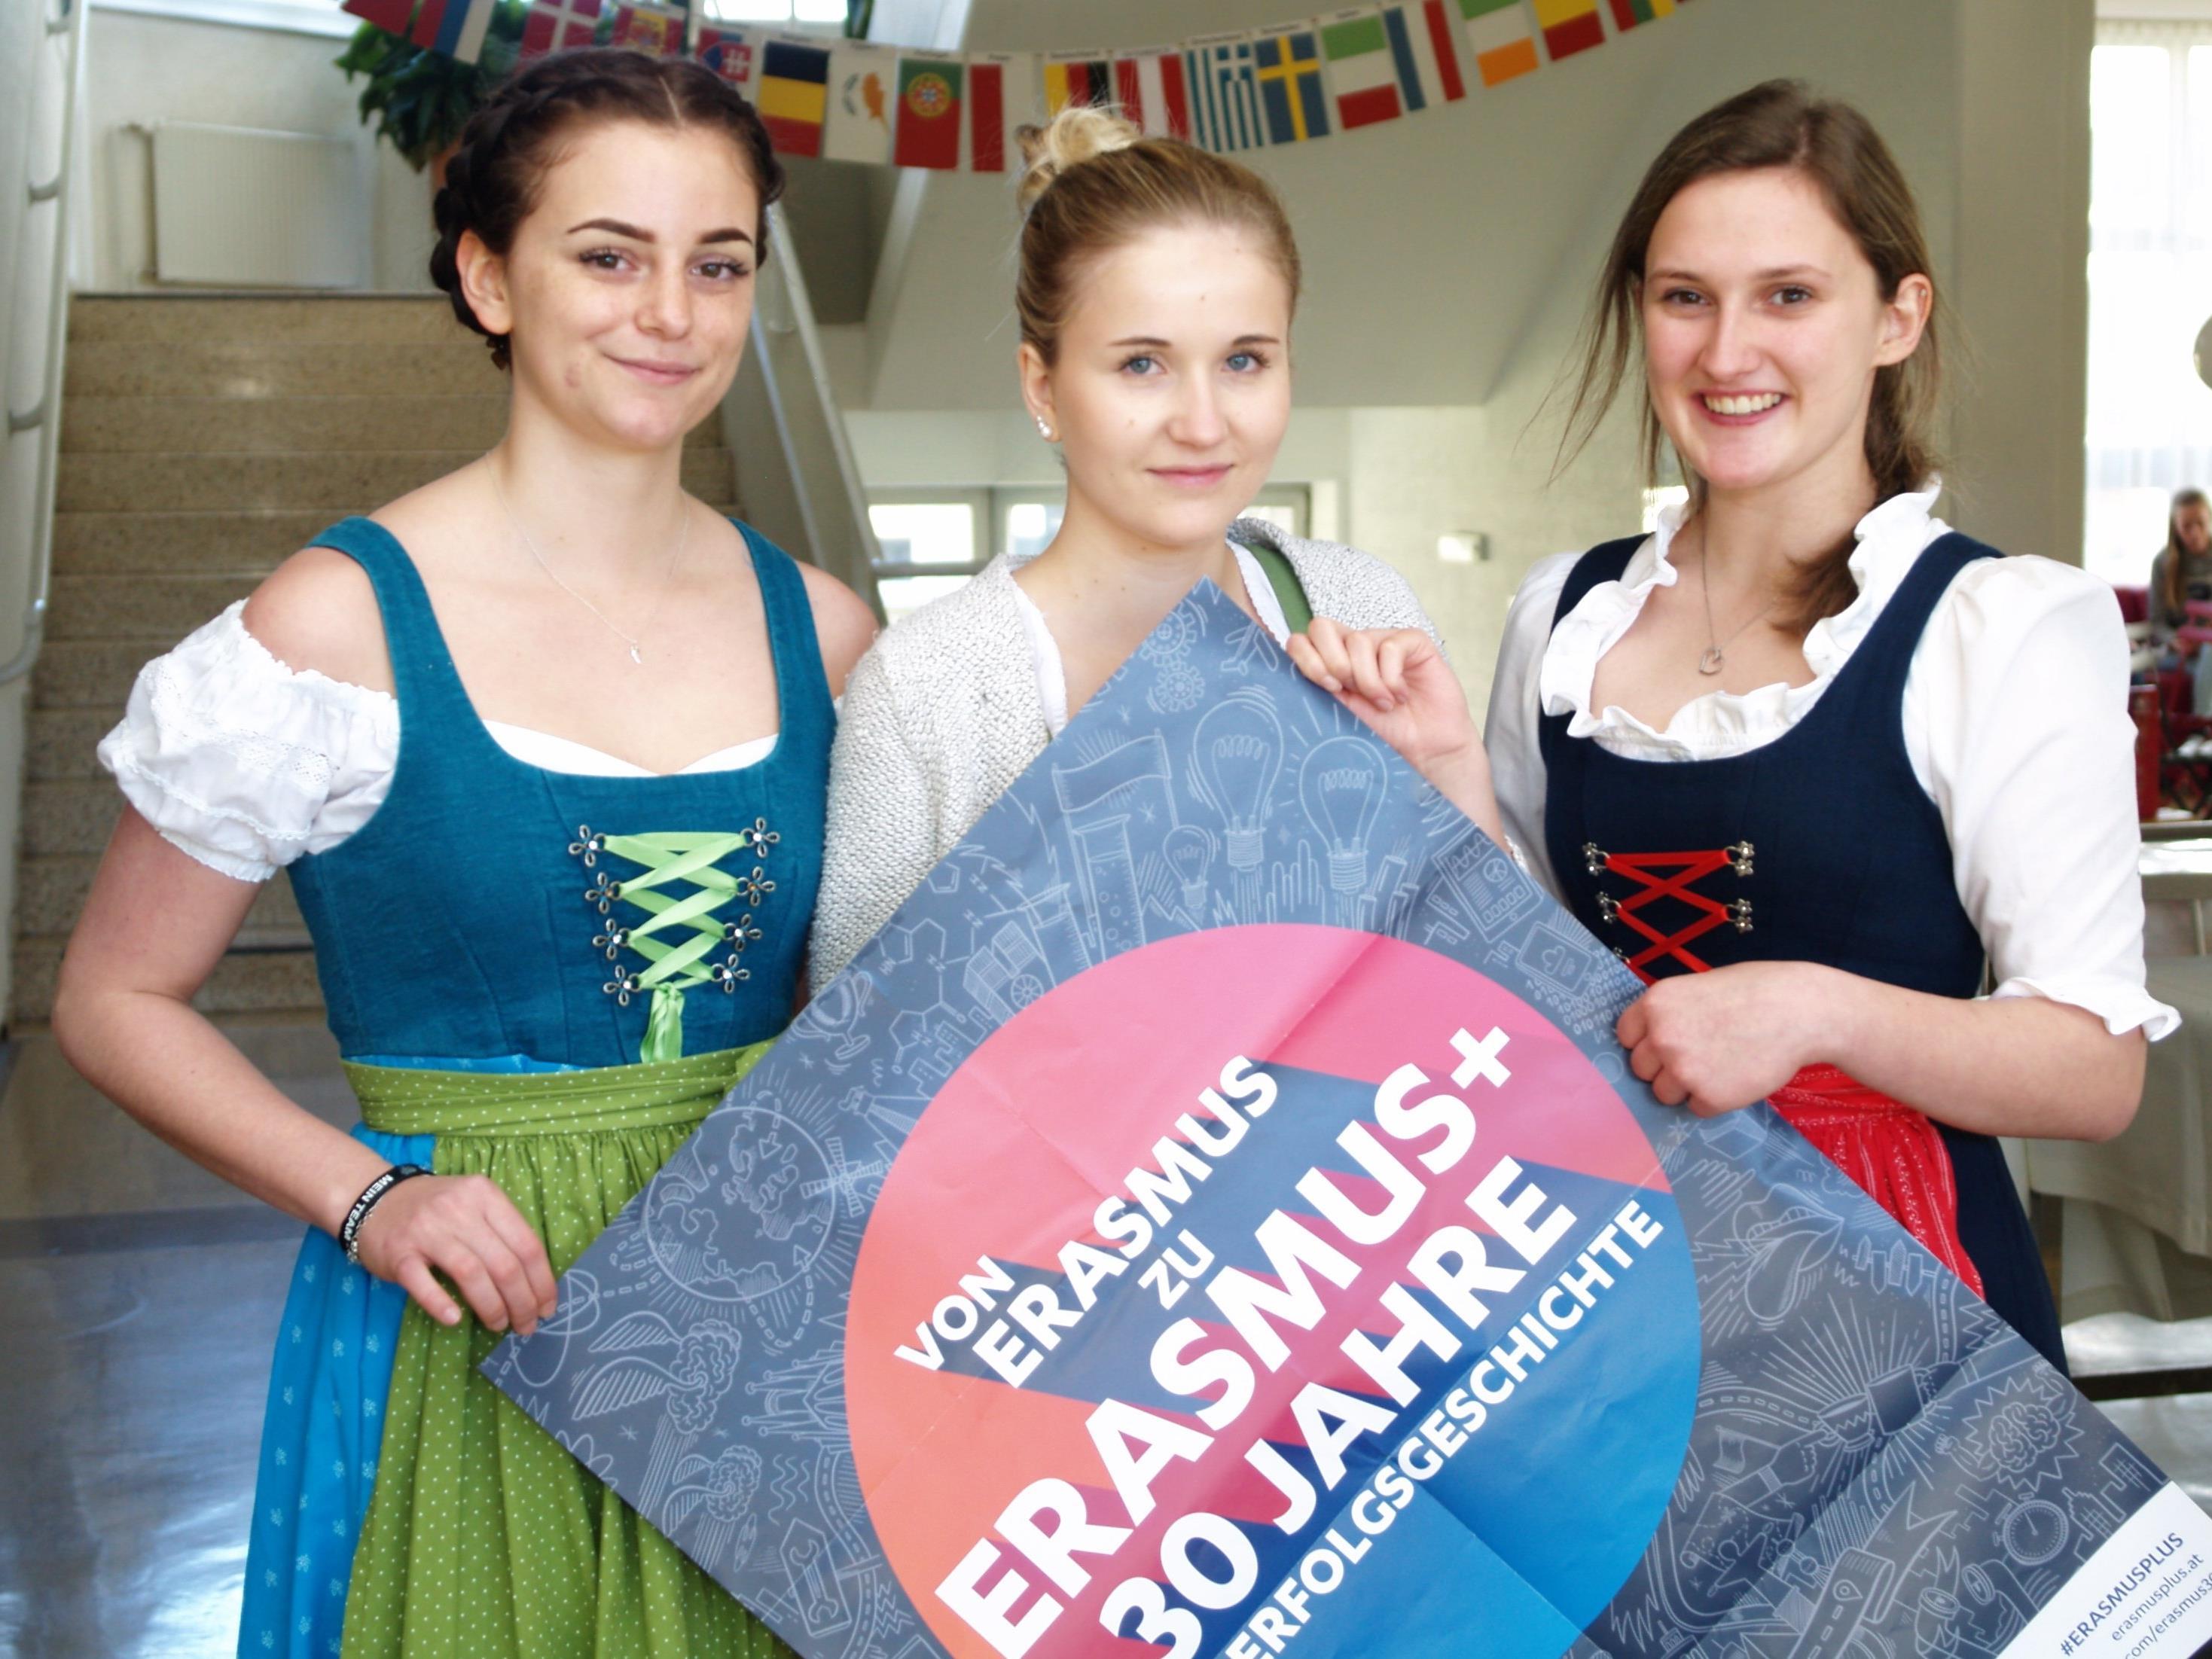 """Anlässlich des  Jubiläums """"30 Jahre Erasmus EU Mobilitätsprojekte"""" lud die HLW zum Unternehmer - Frühstück"""